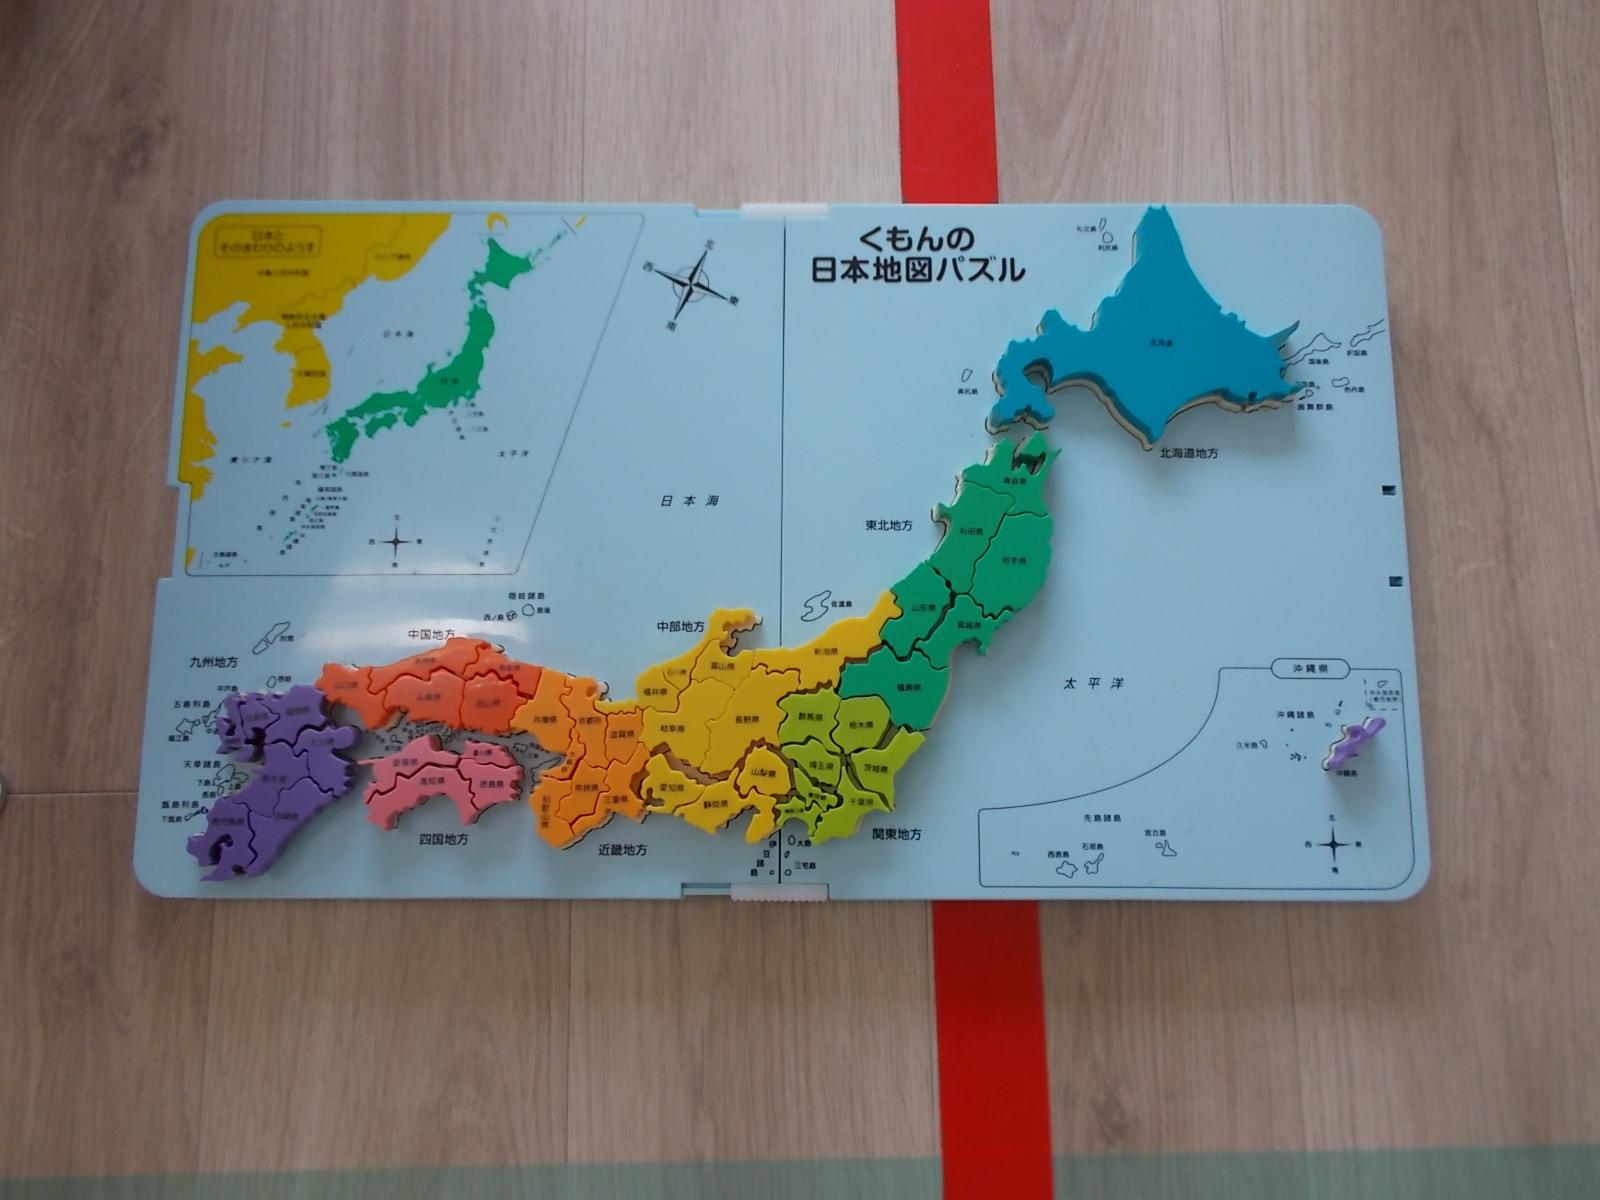 7月28日 土 日本地図パズル とろんこアカデミー